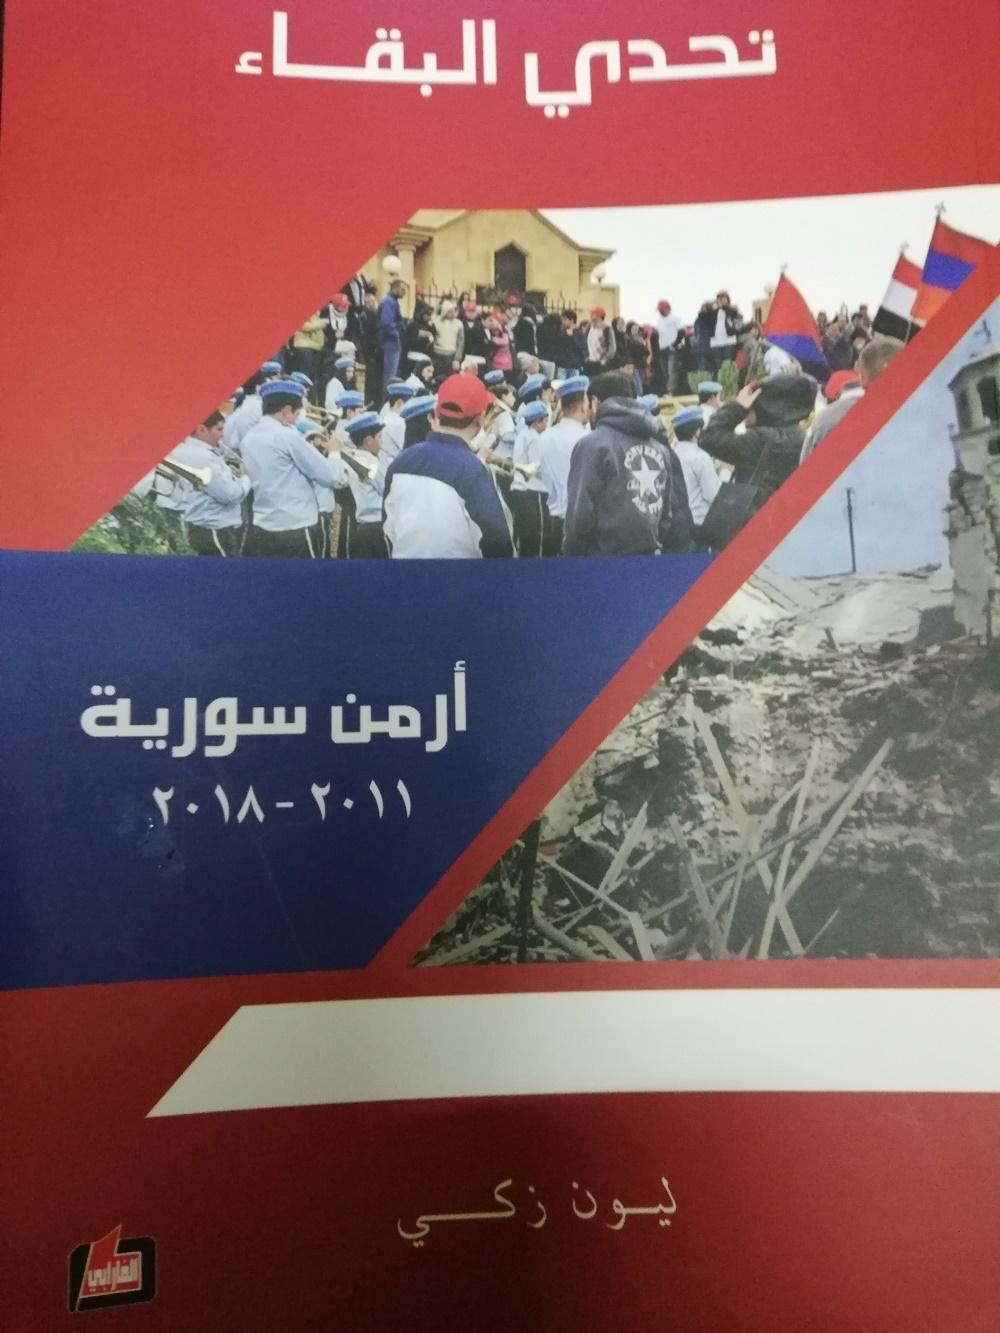 """يستذكر مؤلف كتاب """"تحدي البقاء"""" مواقف سياسية واجتماعية واقتصادية في تاريخ الأرمن في سوريا (اندبندنت عربية)"""